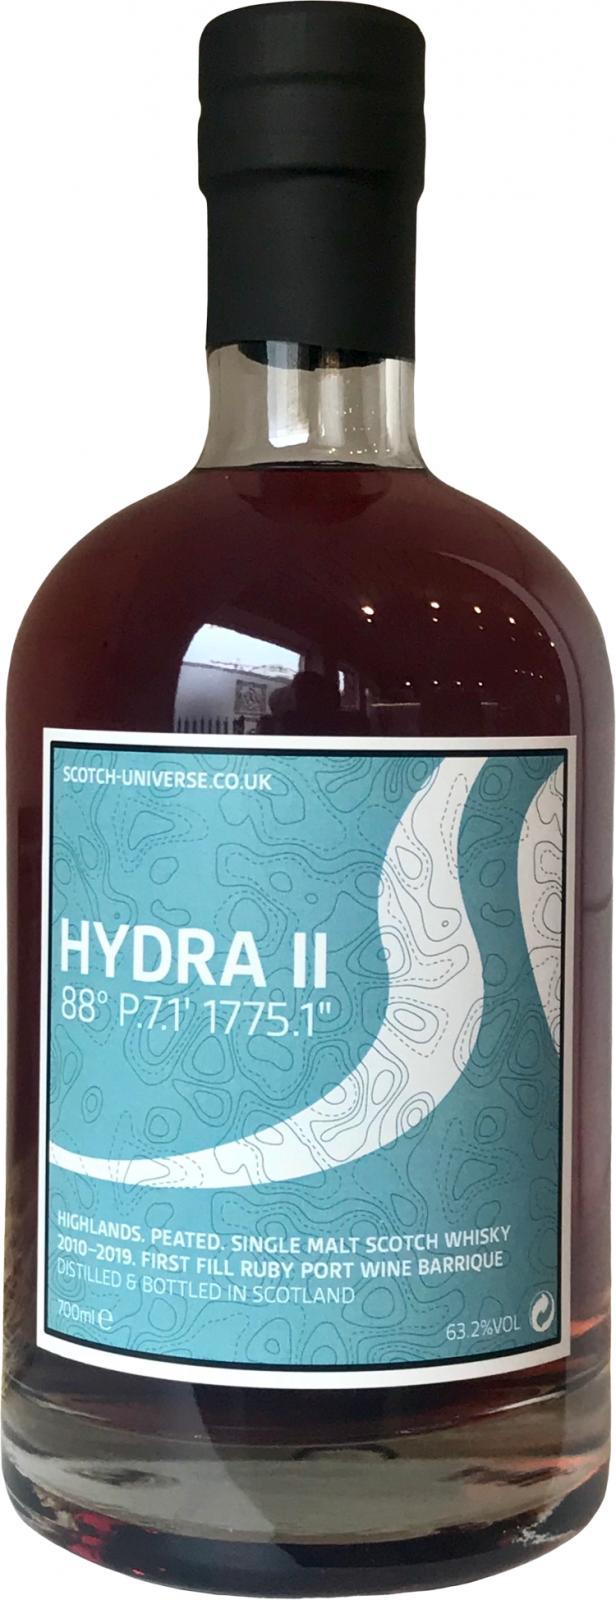 """Scotch Universe Hydra II - 88° P.7.1' 1775.1"""""""